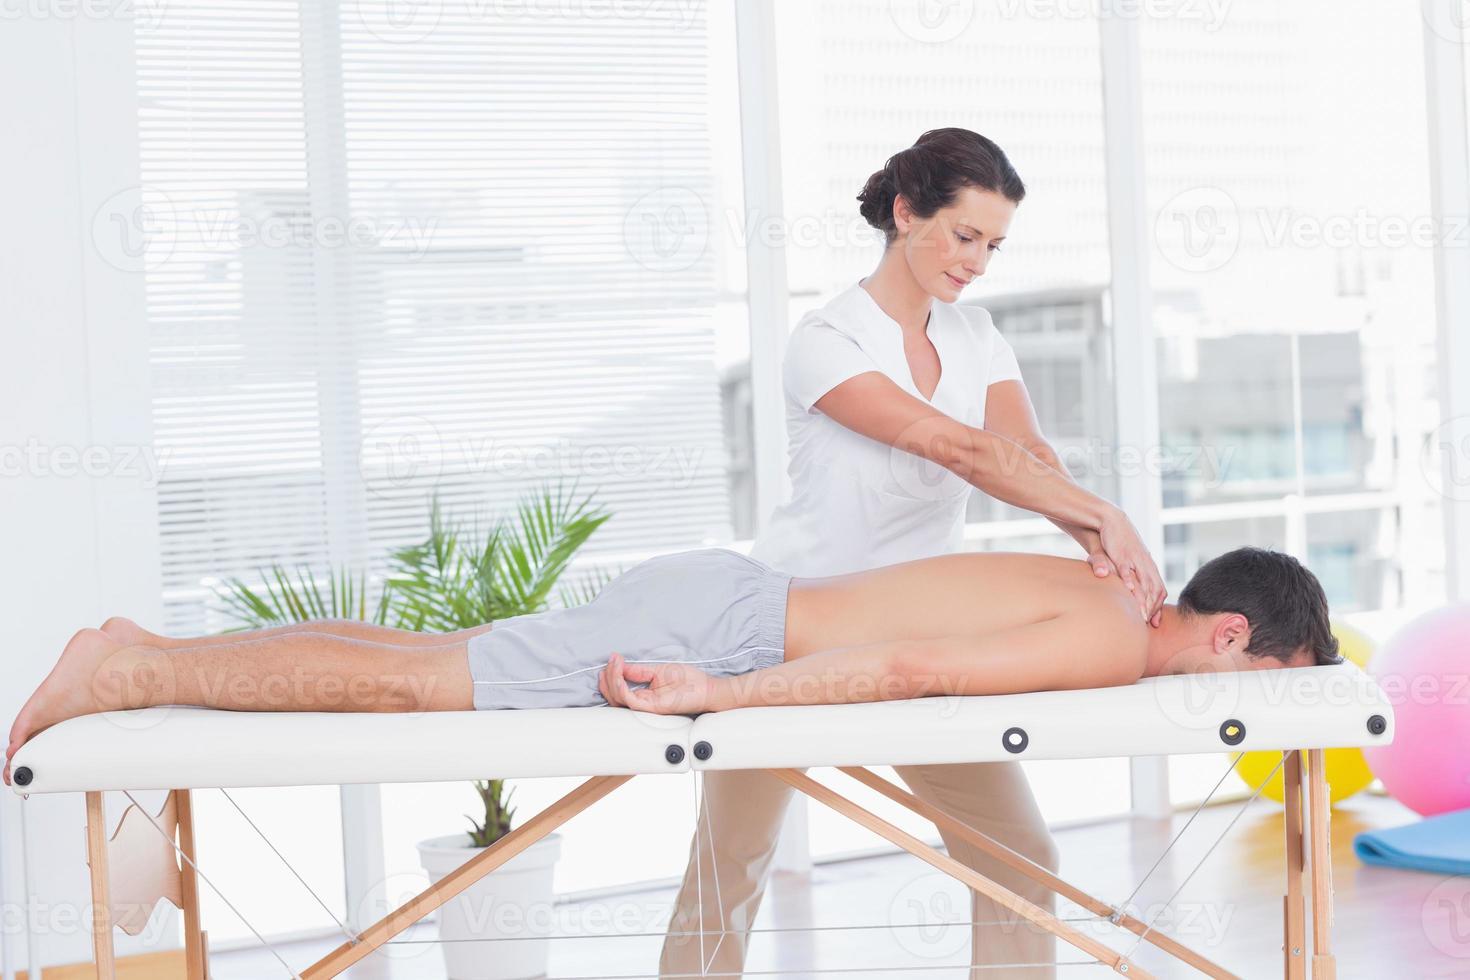 fisioterapeuta haciendo masaje de cuello foto